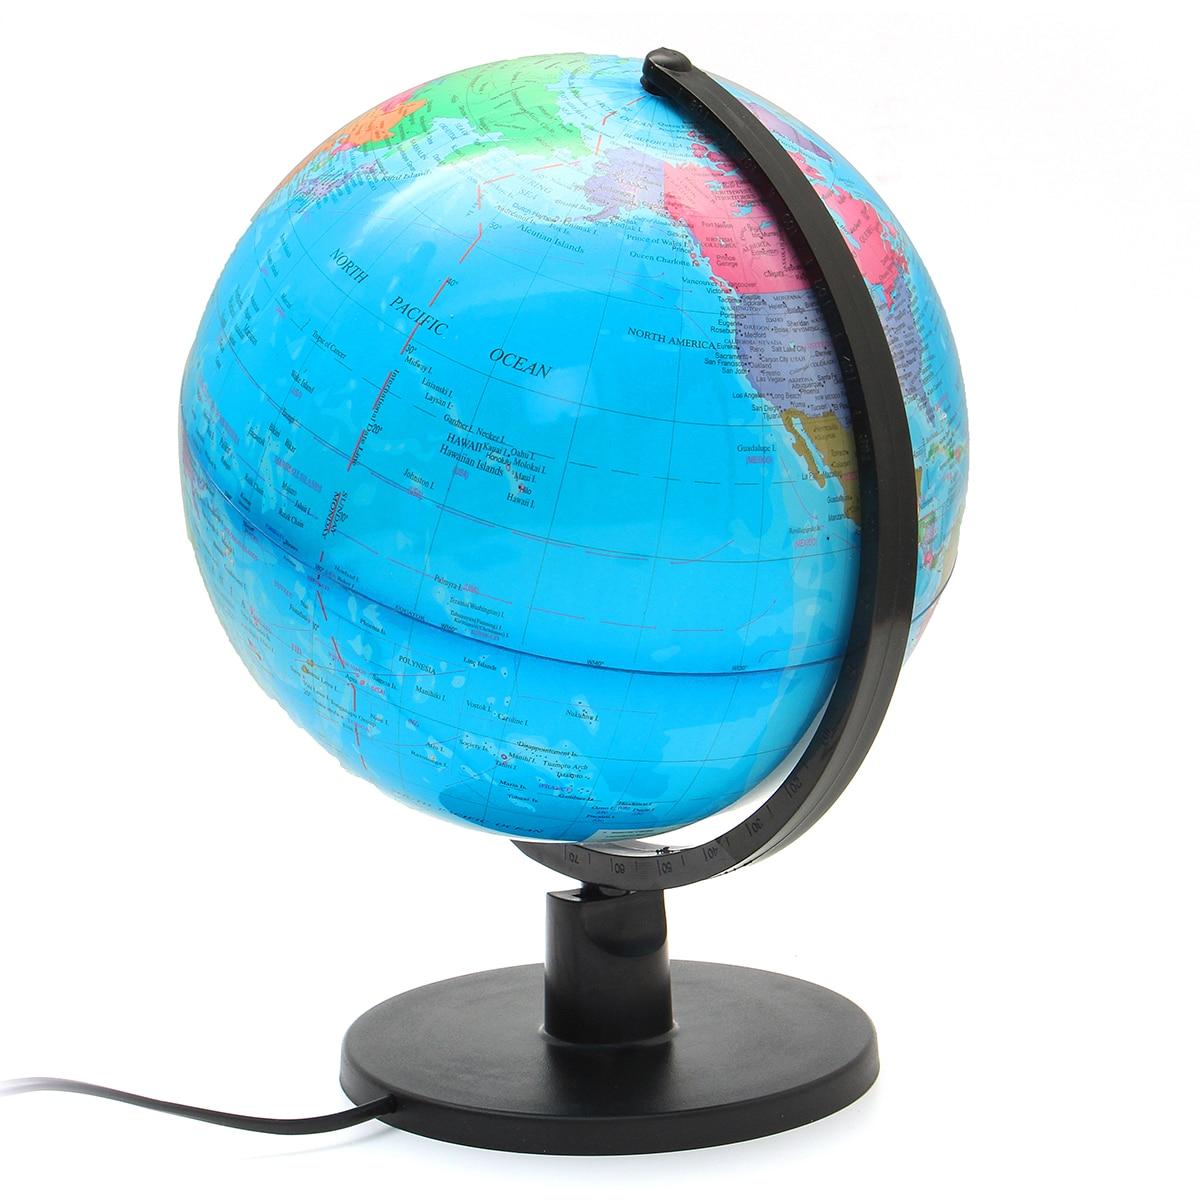 25 см светодиодный Глобус земли карта мира география обучающая игрушка для рабочего стола украшения дома и офиса помощи миниатюры детский подарок